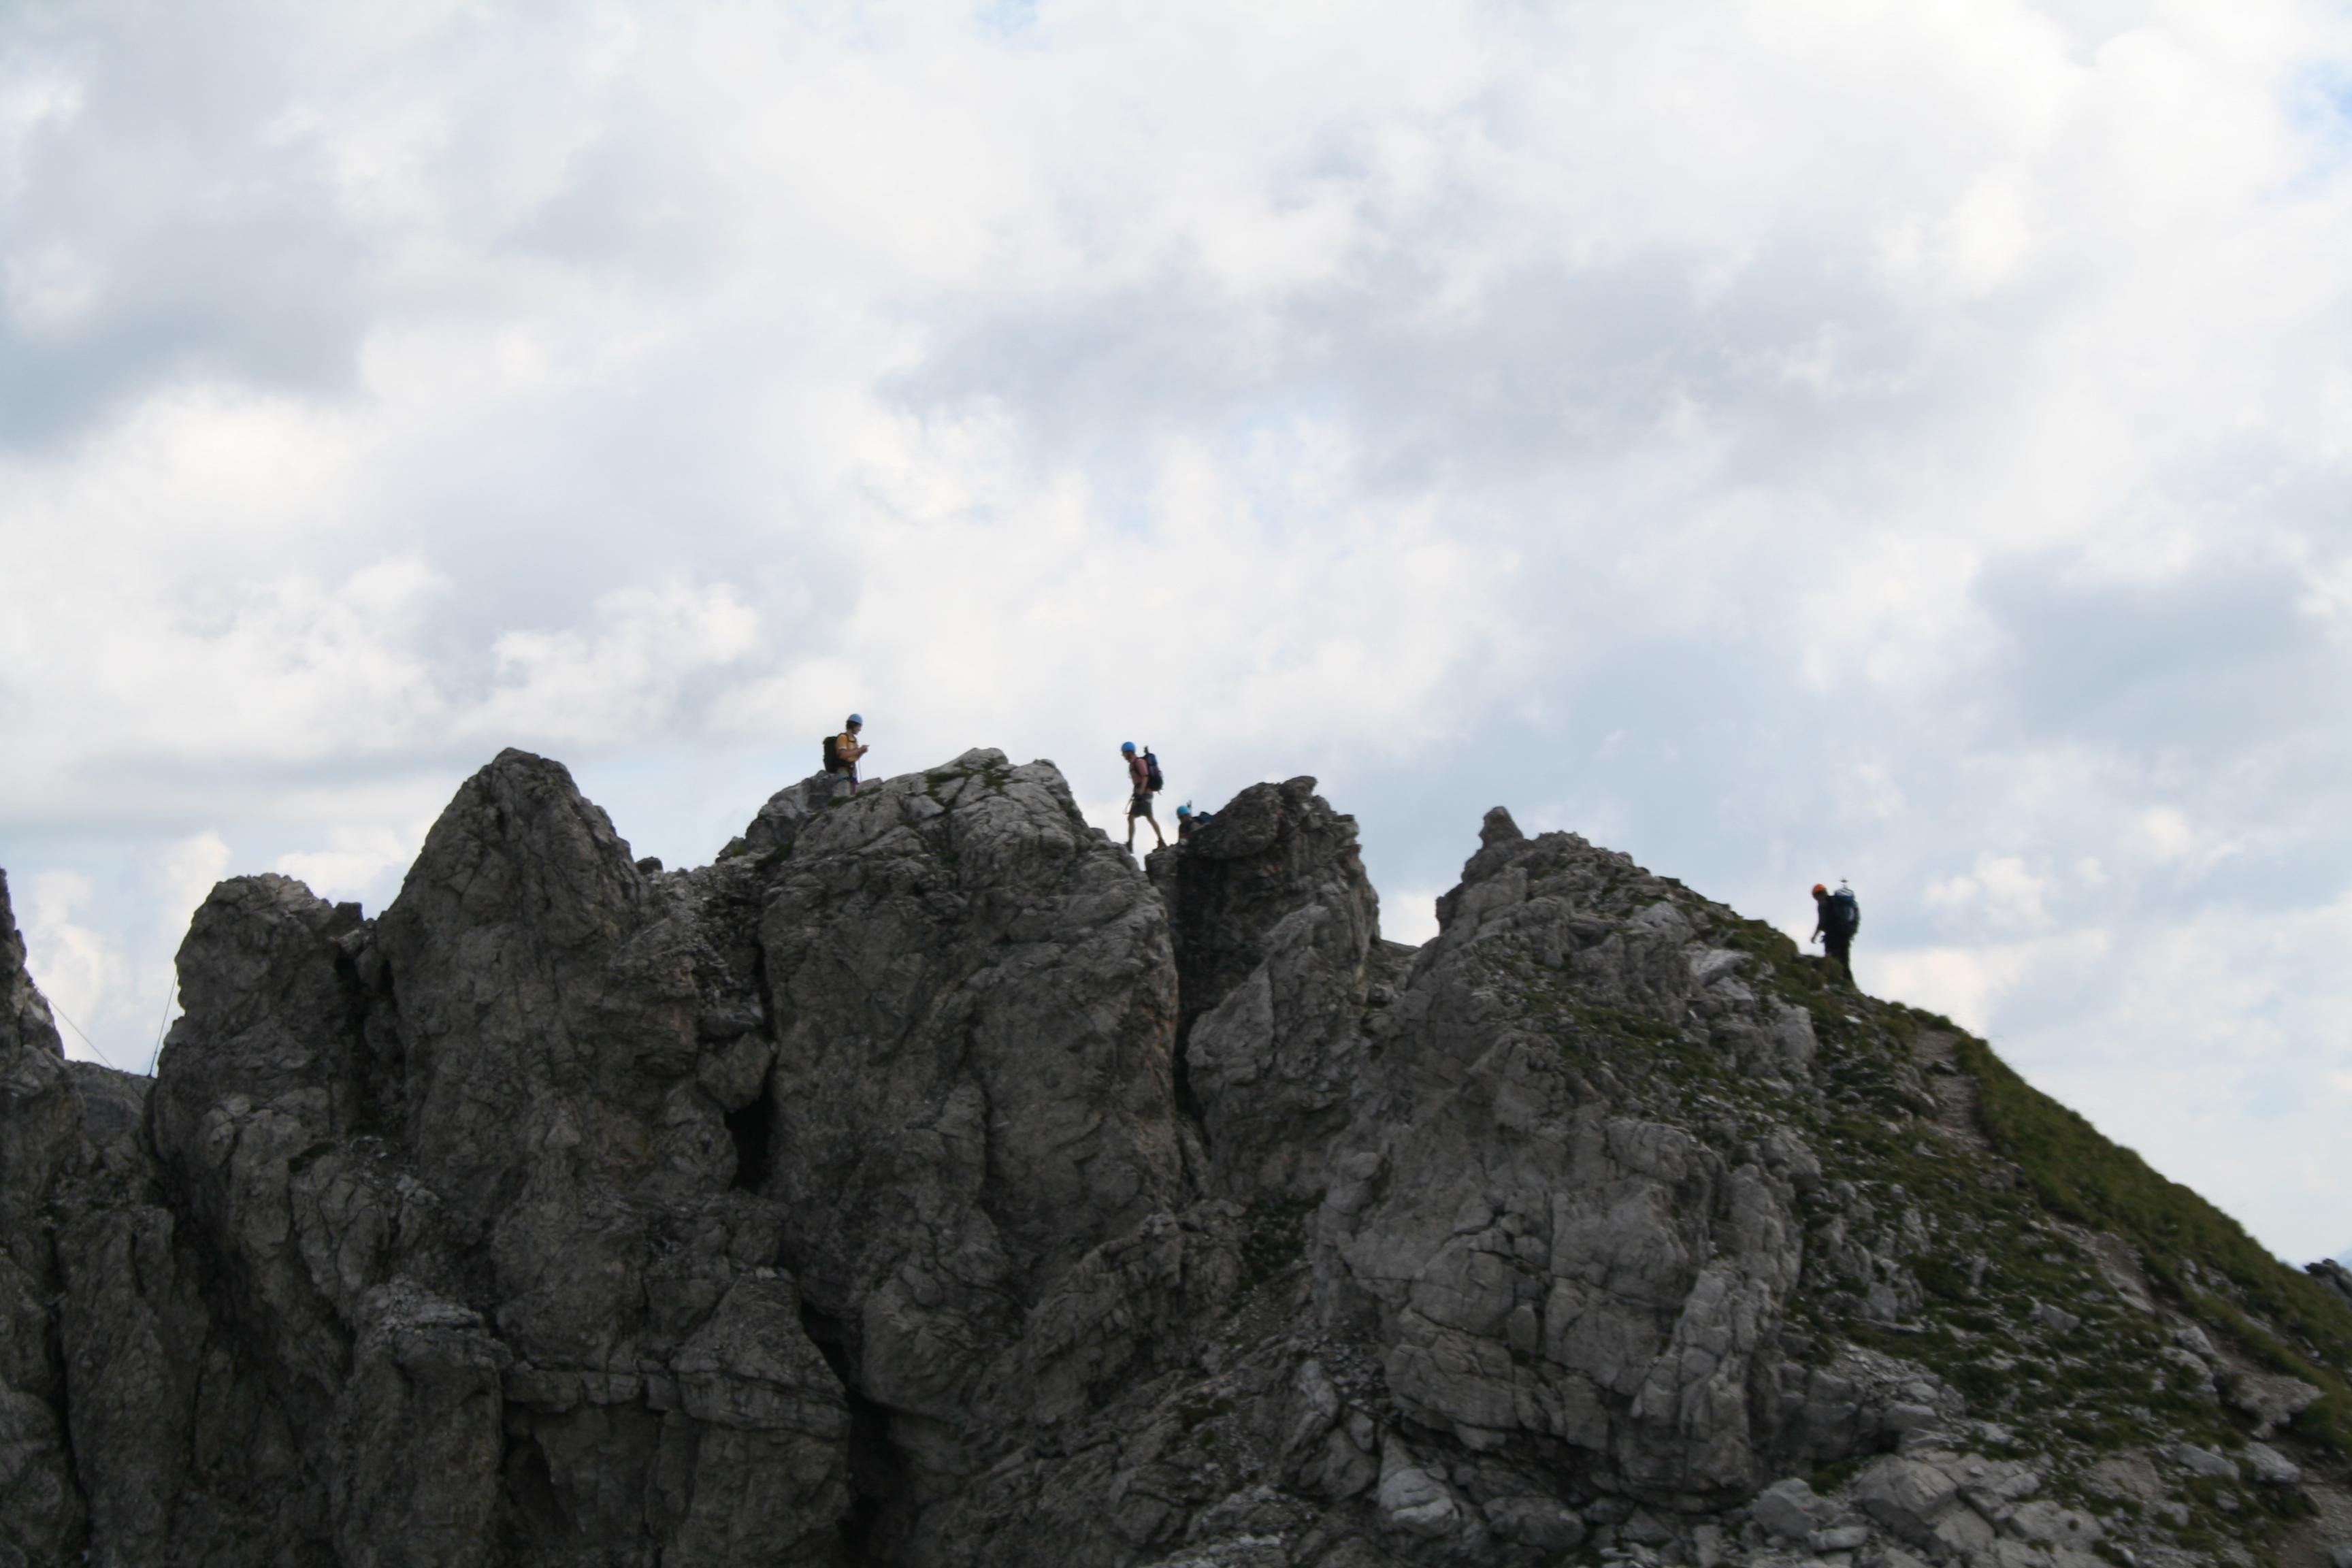 Klettersteig Mindelheimer : Via ferrata mindelheimer klettersteig deutschland allgäuer